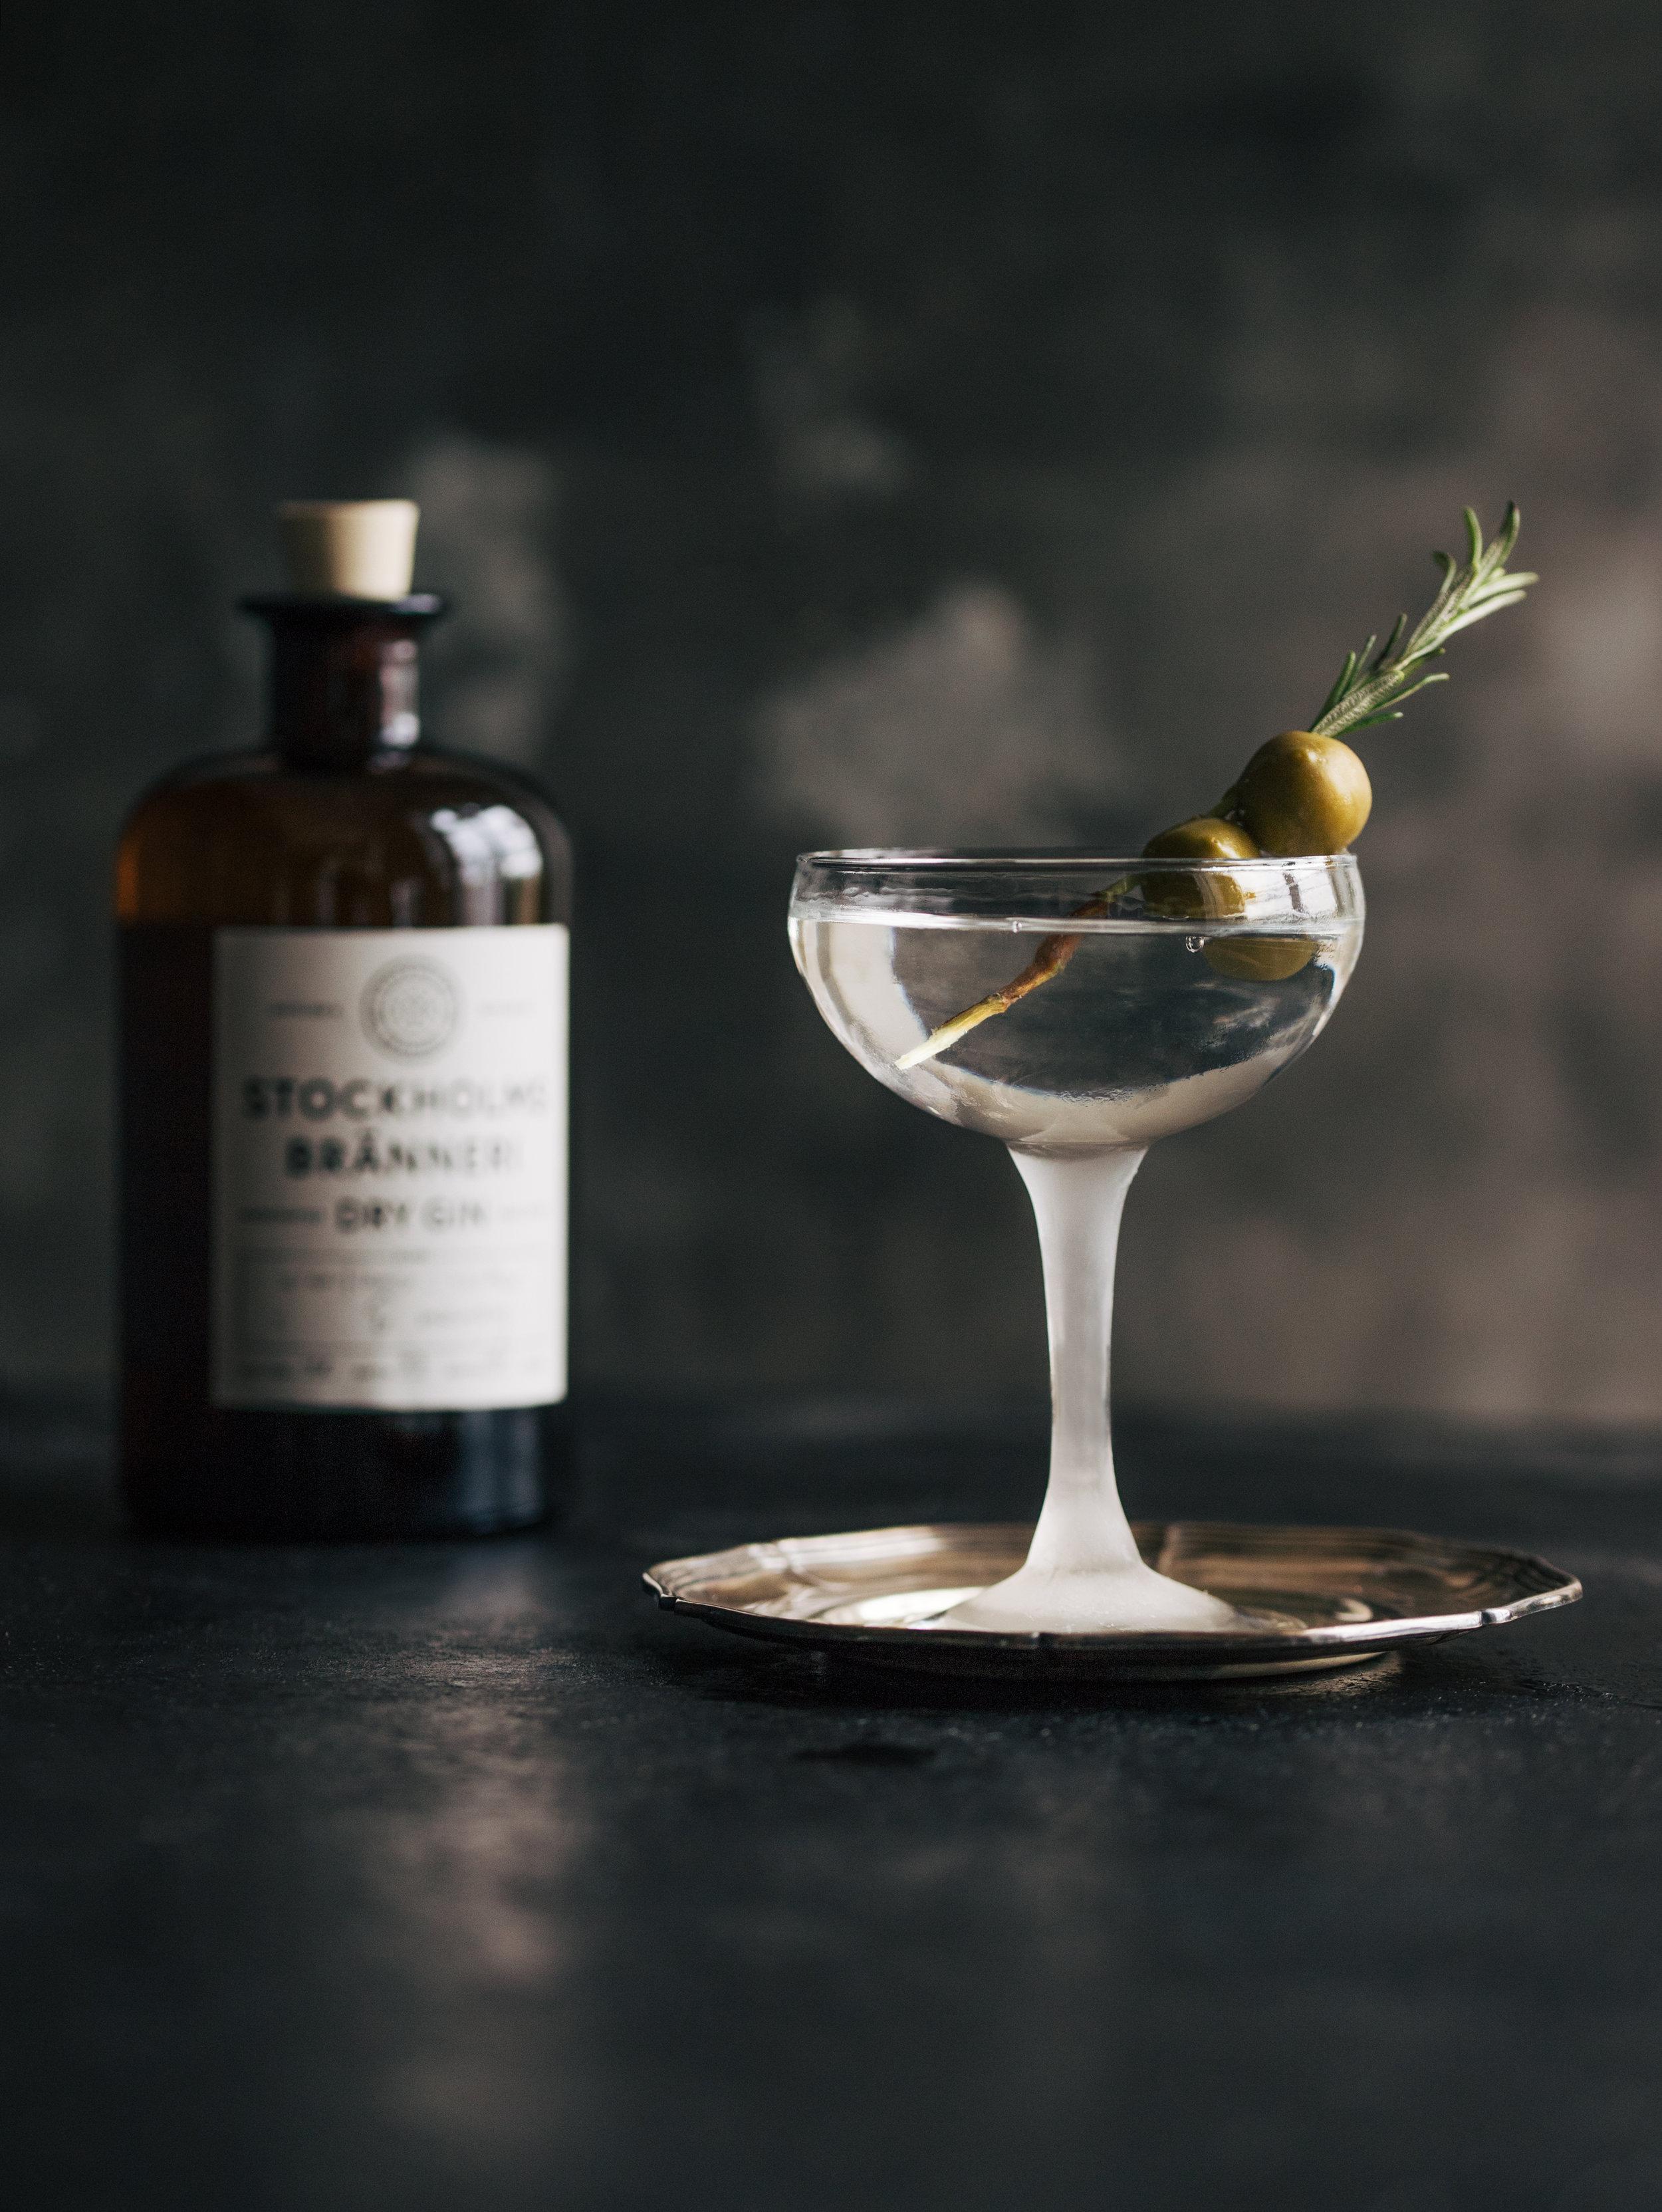 Martini - The classic